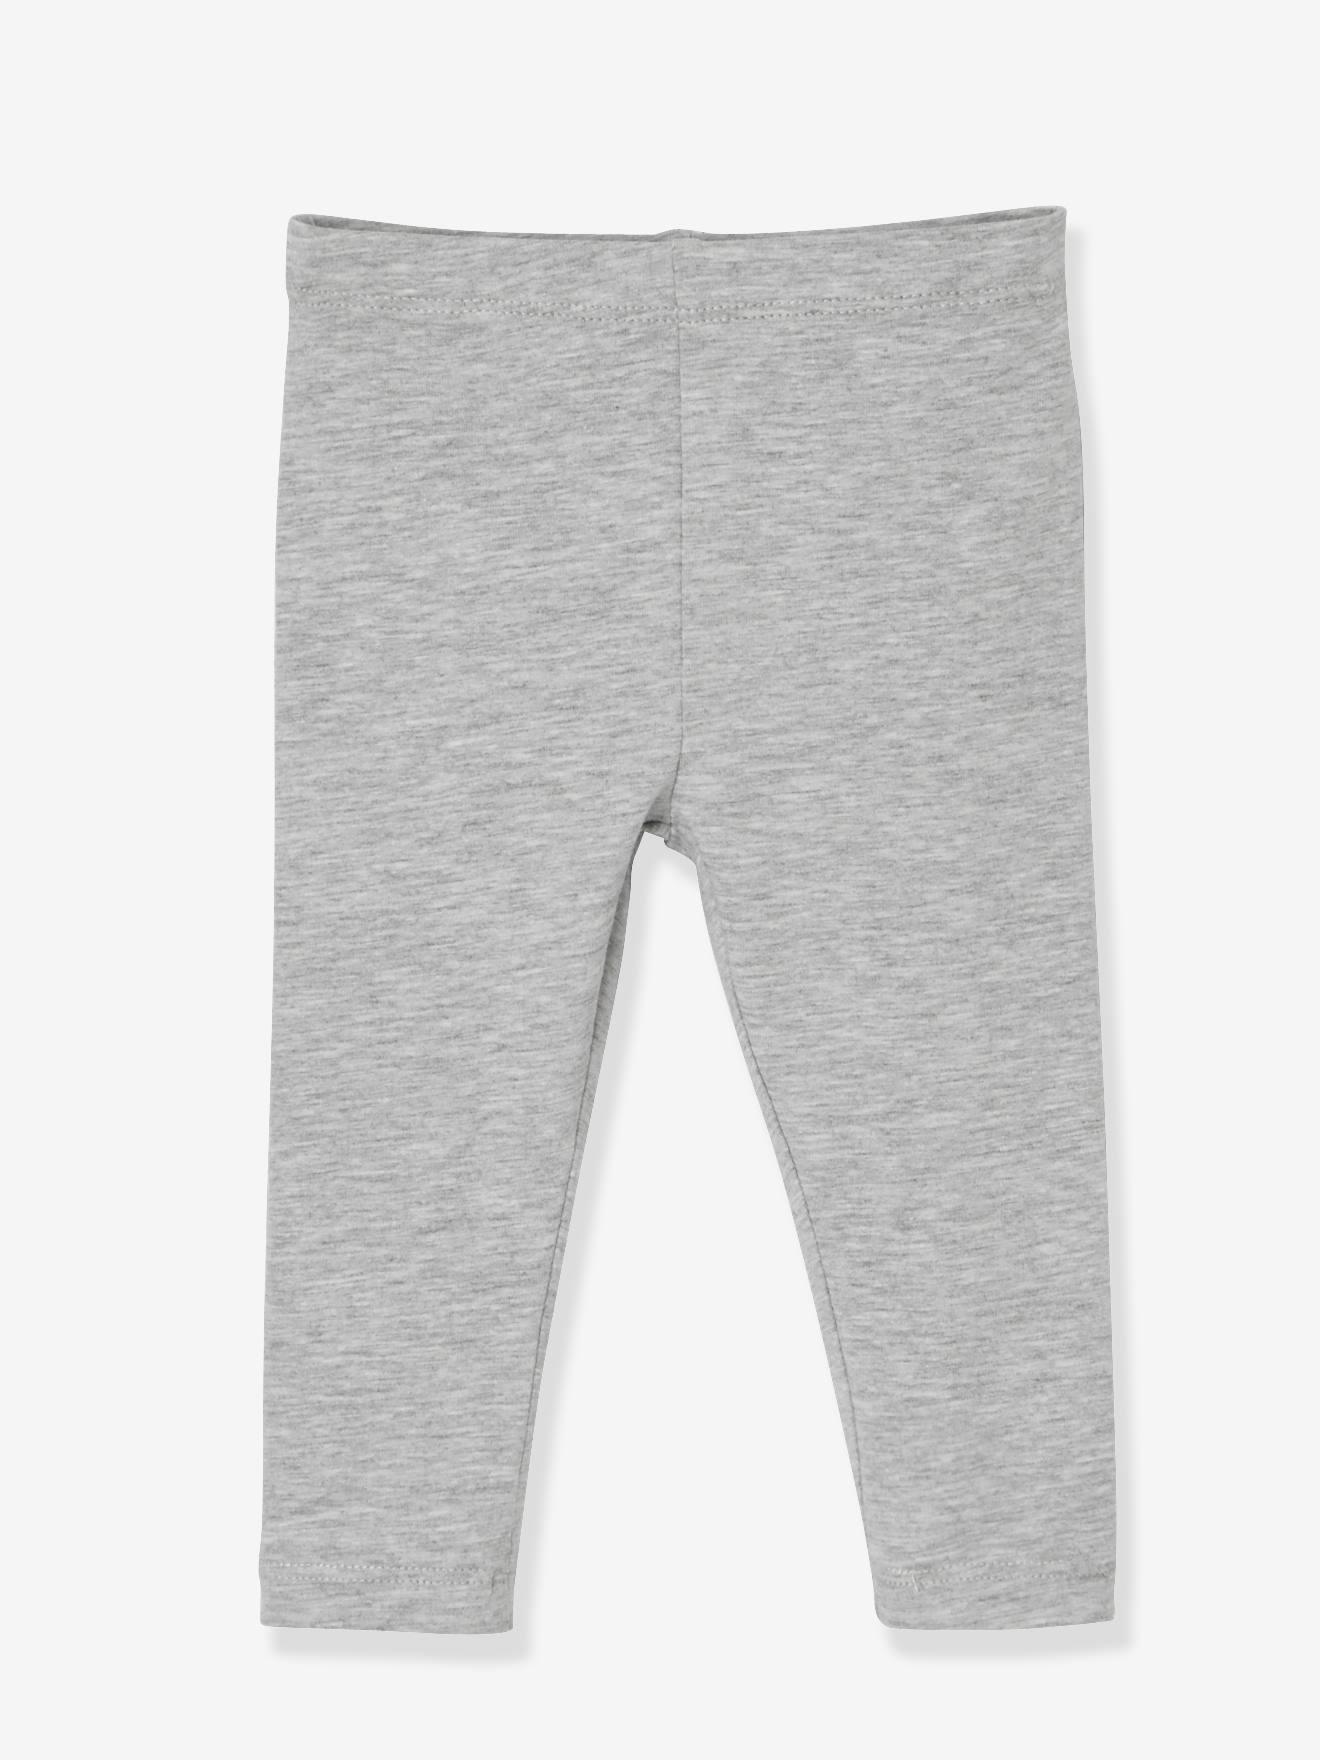 VERTBAUDET Lot de 2 leggings longs b/éb/é fille Lot marine gris/é 24M 86CM